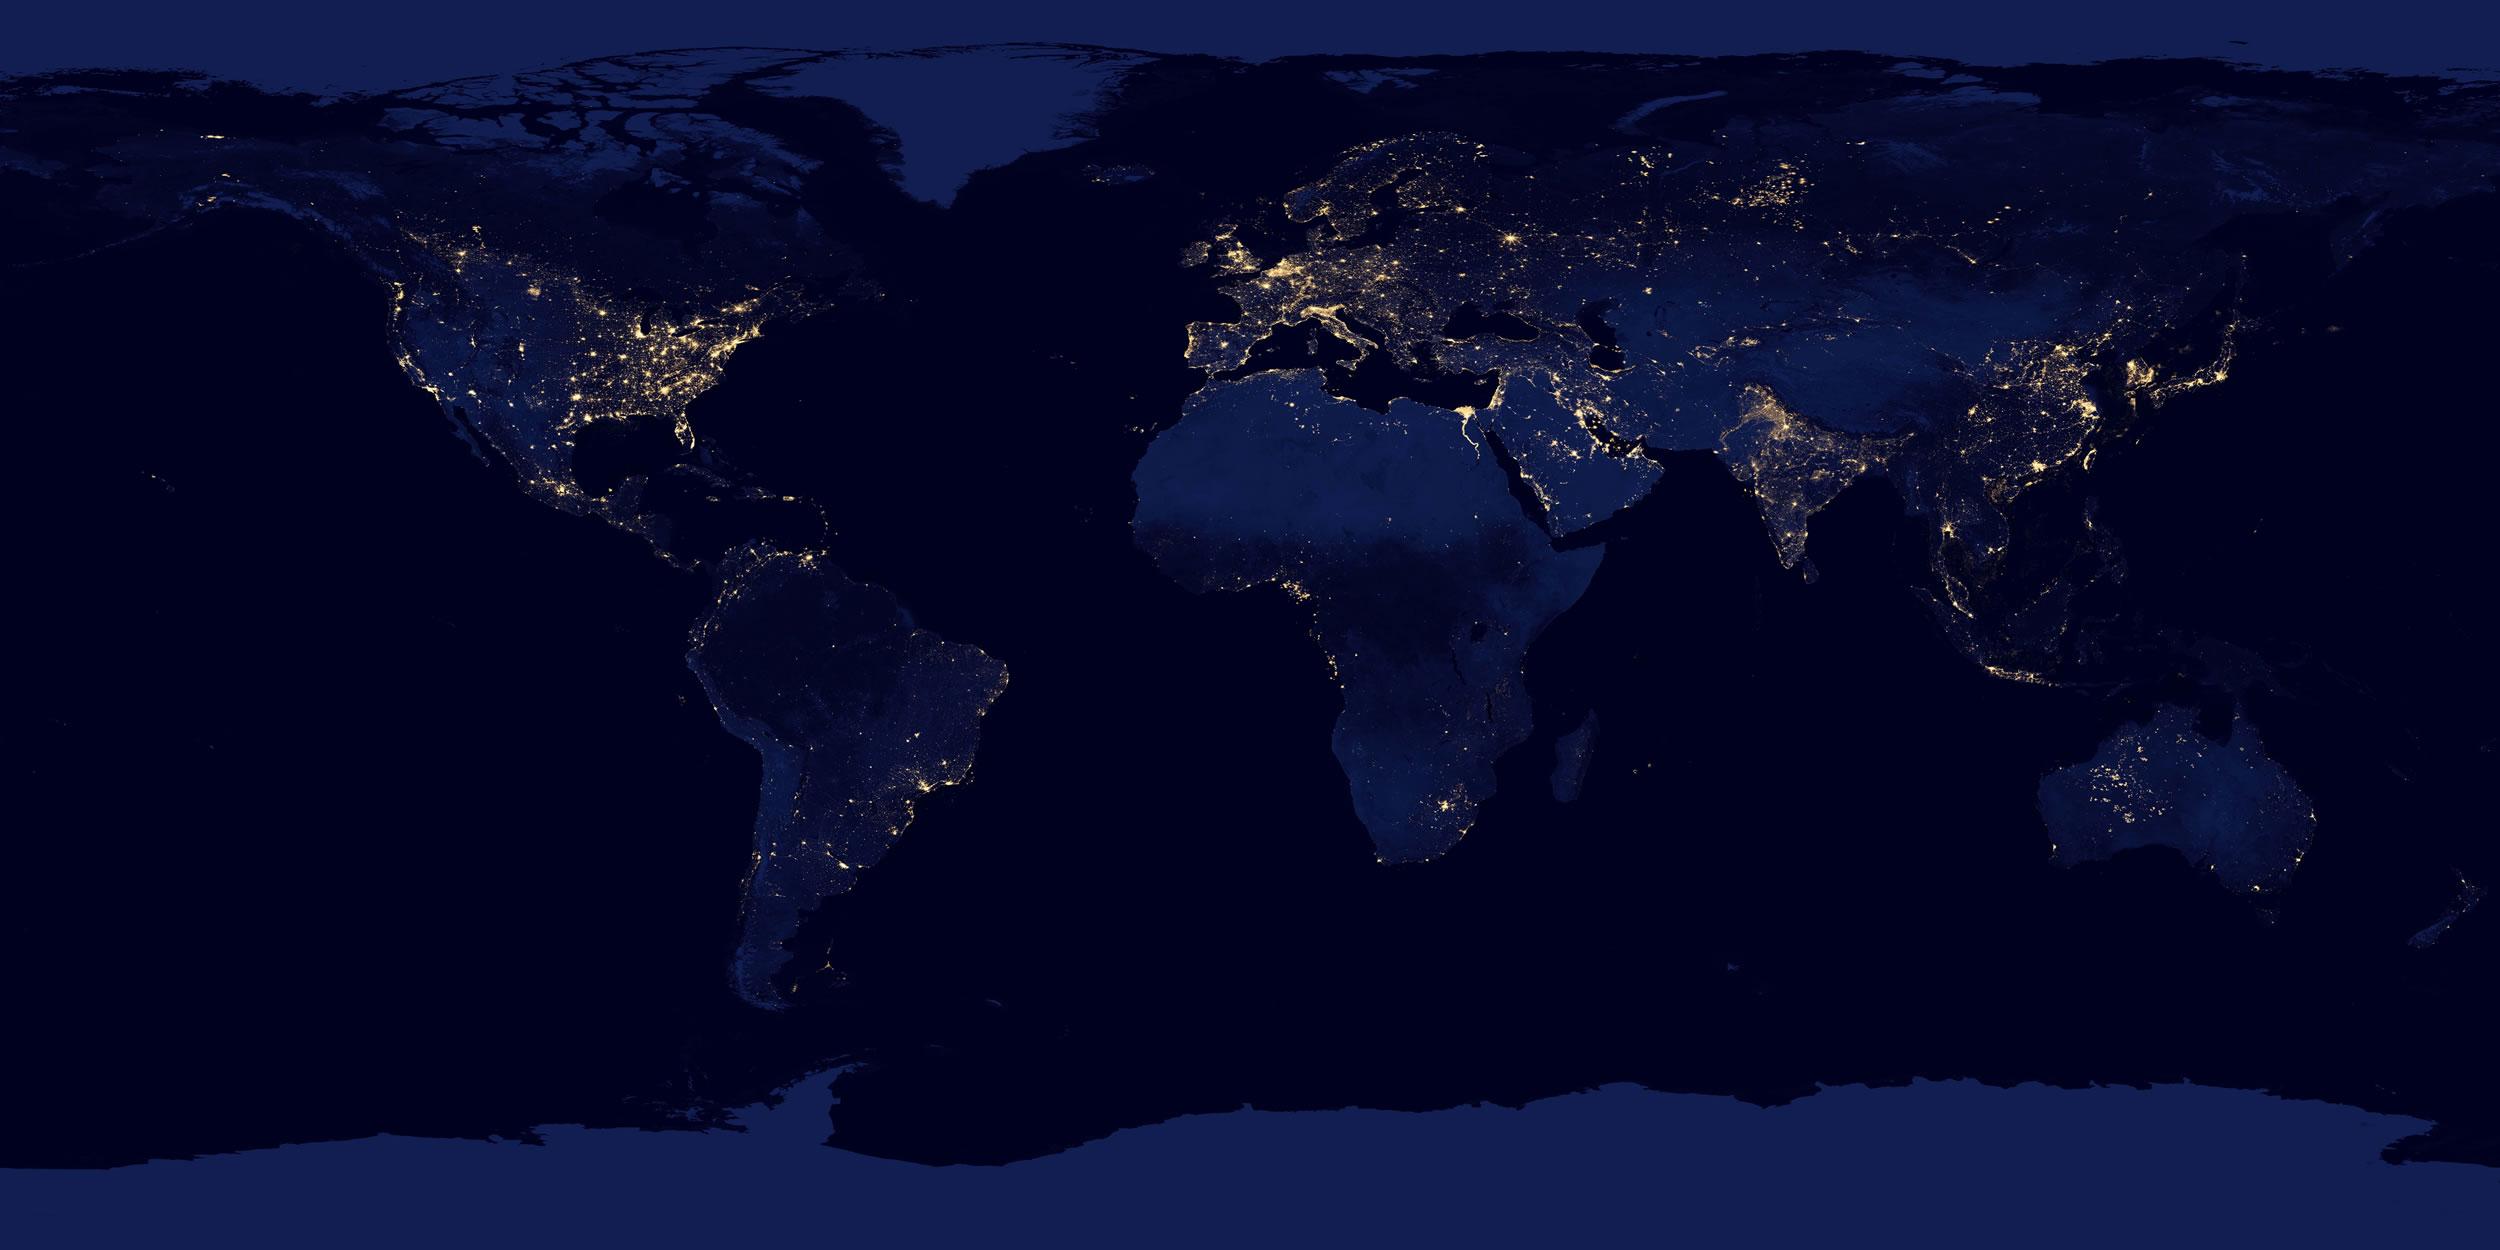 World Map at Night - NASA